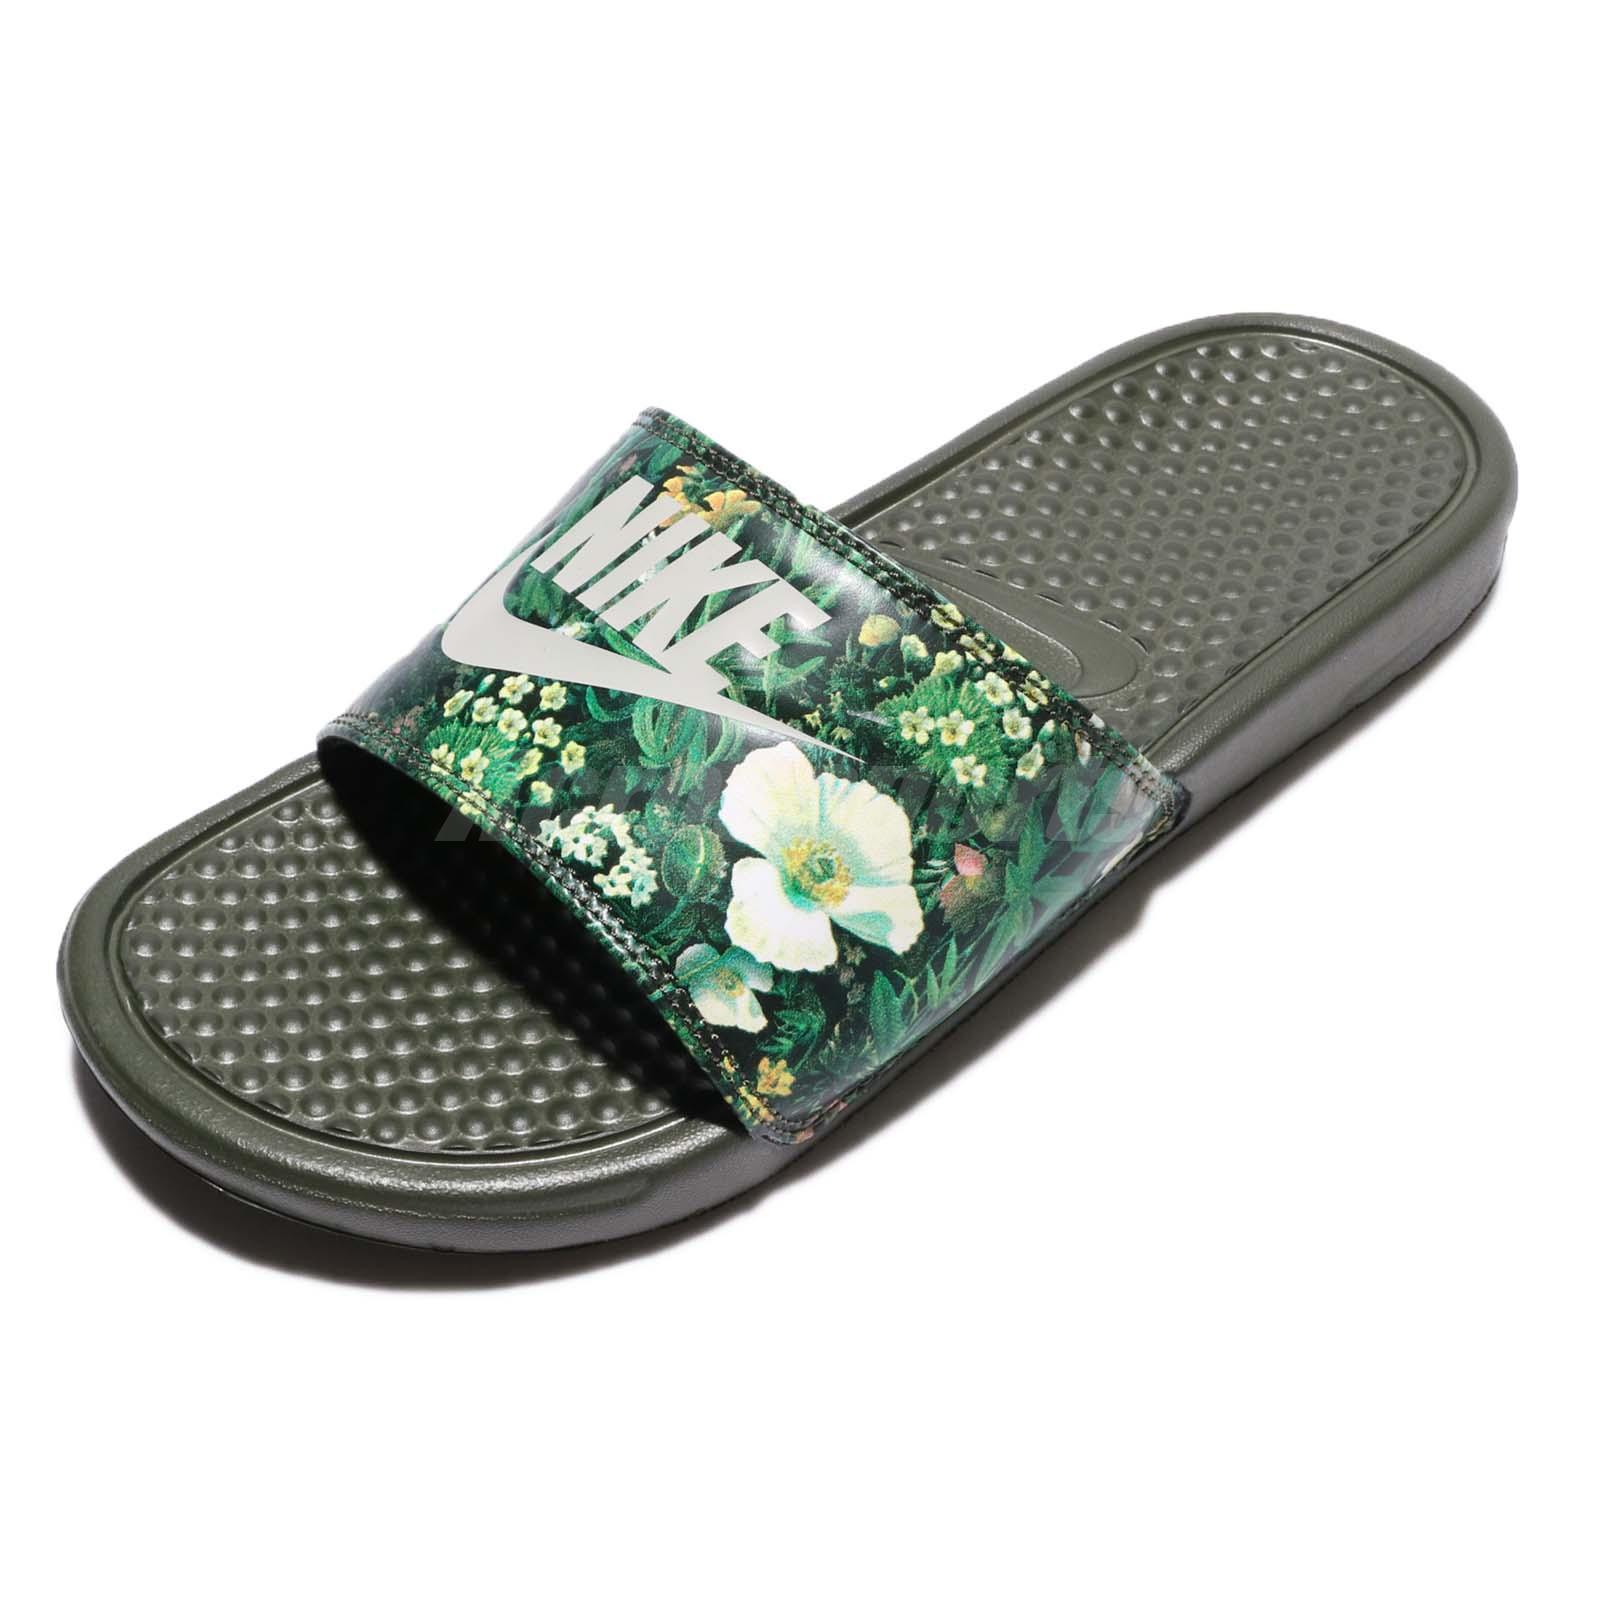 Nike Wmns Benassi JDI Print Floral Cargo Khaki Women Sandal Slide 618919-300 2d83810bbb